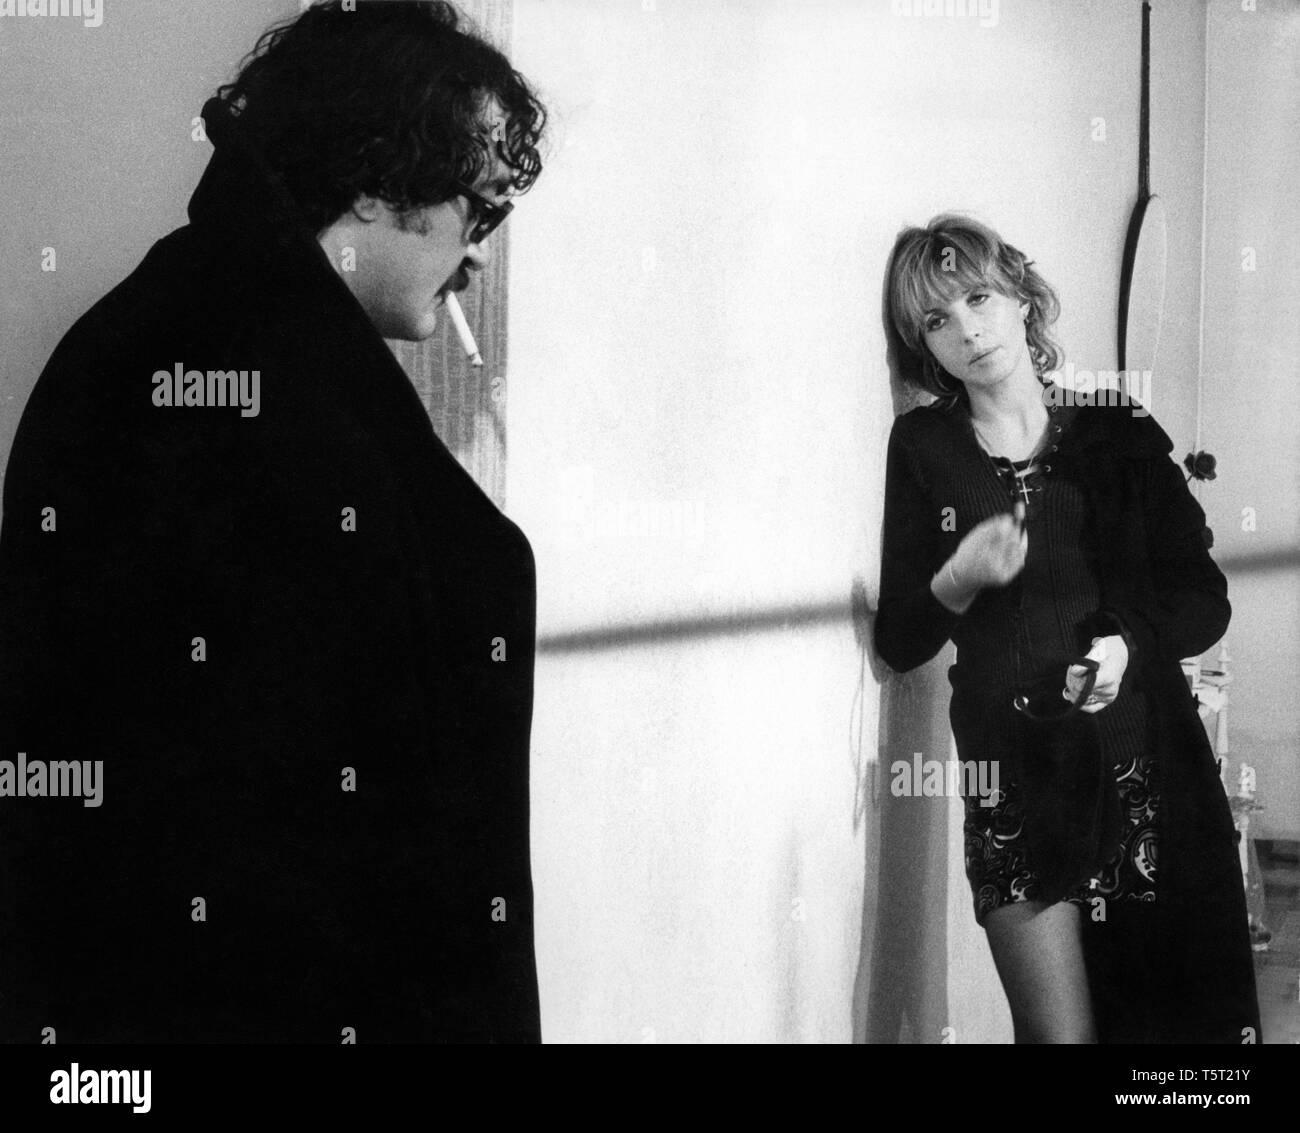 LA SALAMANDRE 1971 de Alain Tanner Jacques Denis Bulle Ogier. Prod DB © Filmograph S.A. - Forum Films - Svocine / DR Stock Photo